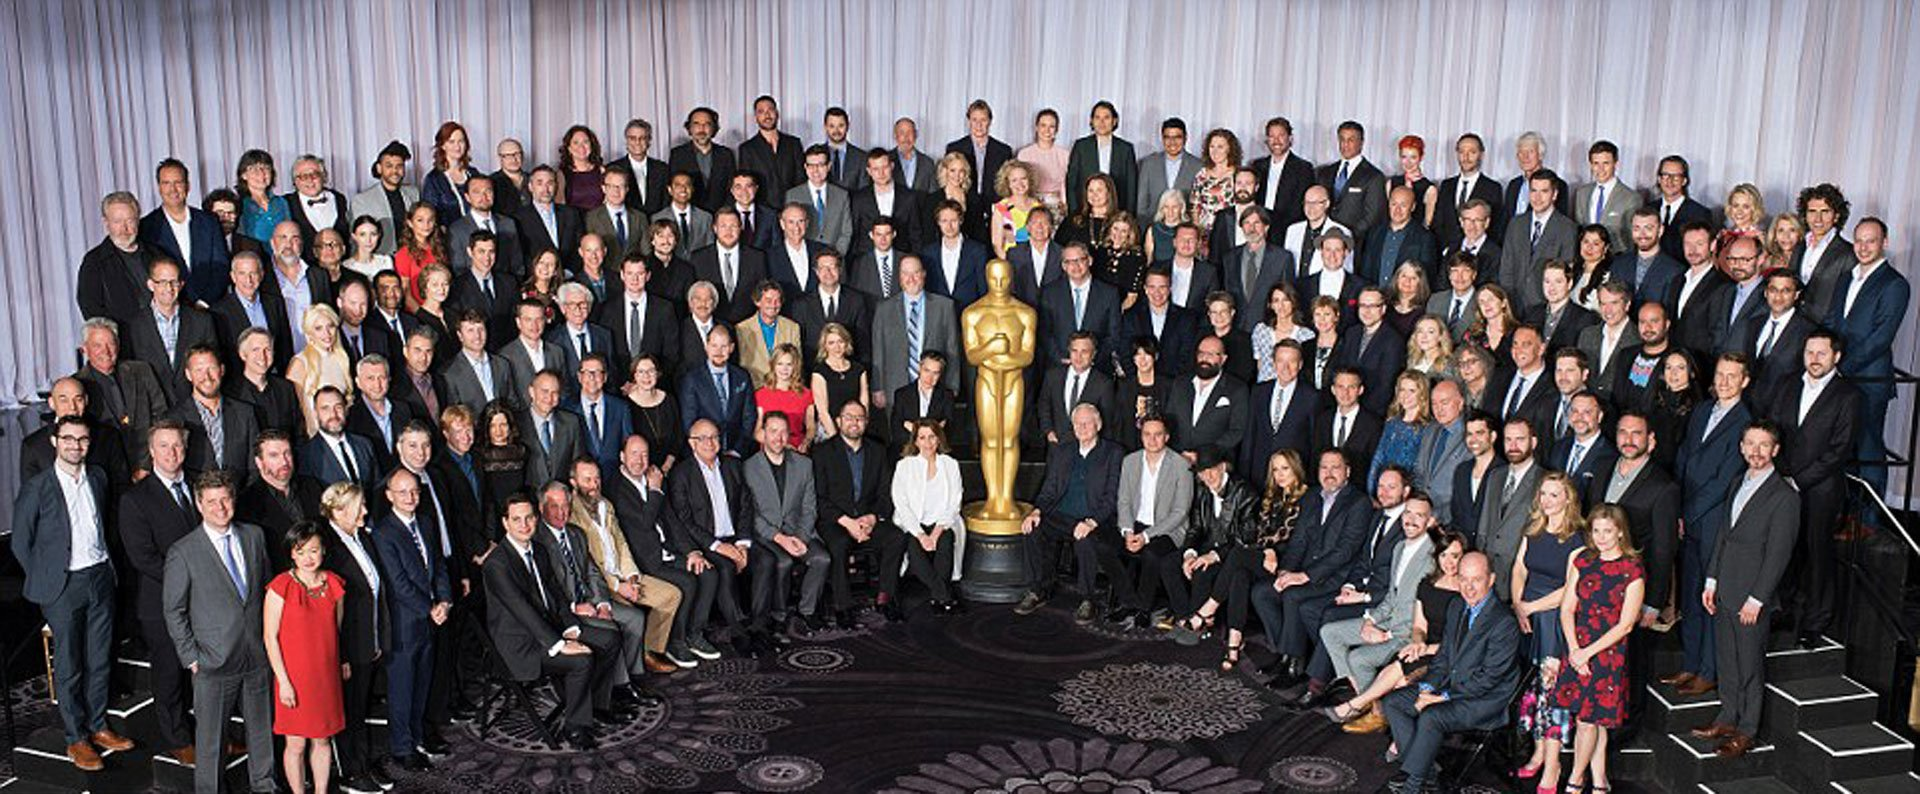 La foto del almuerzo de los Oscar que confirma la falta de diversidad en las nominaciones que despertó la indignación de los actores negros. Muchos, como Will Smith, llamaron a un boicot de la tradicional ceremonia